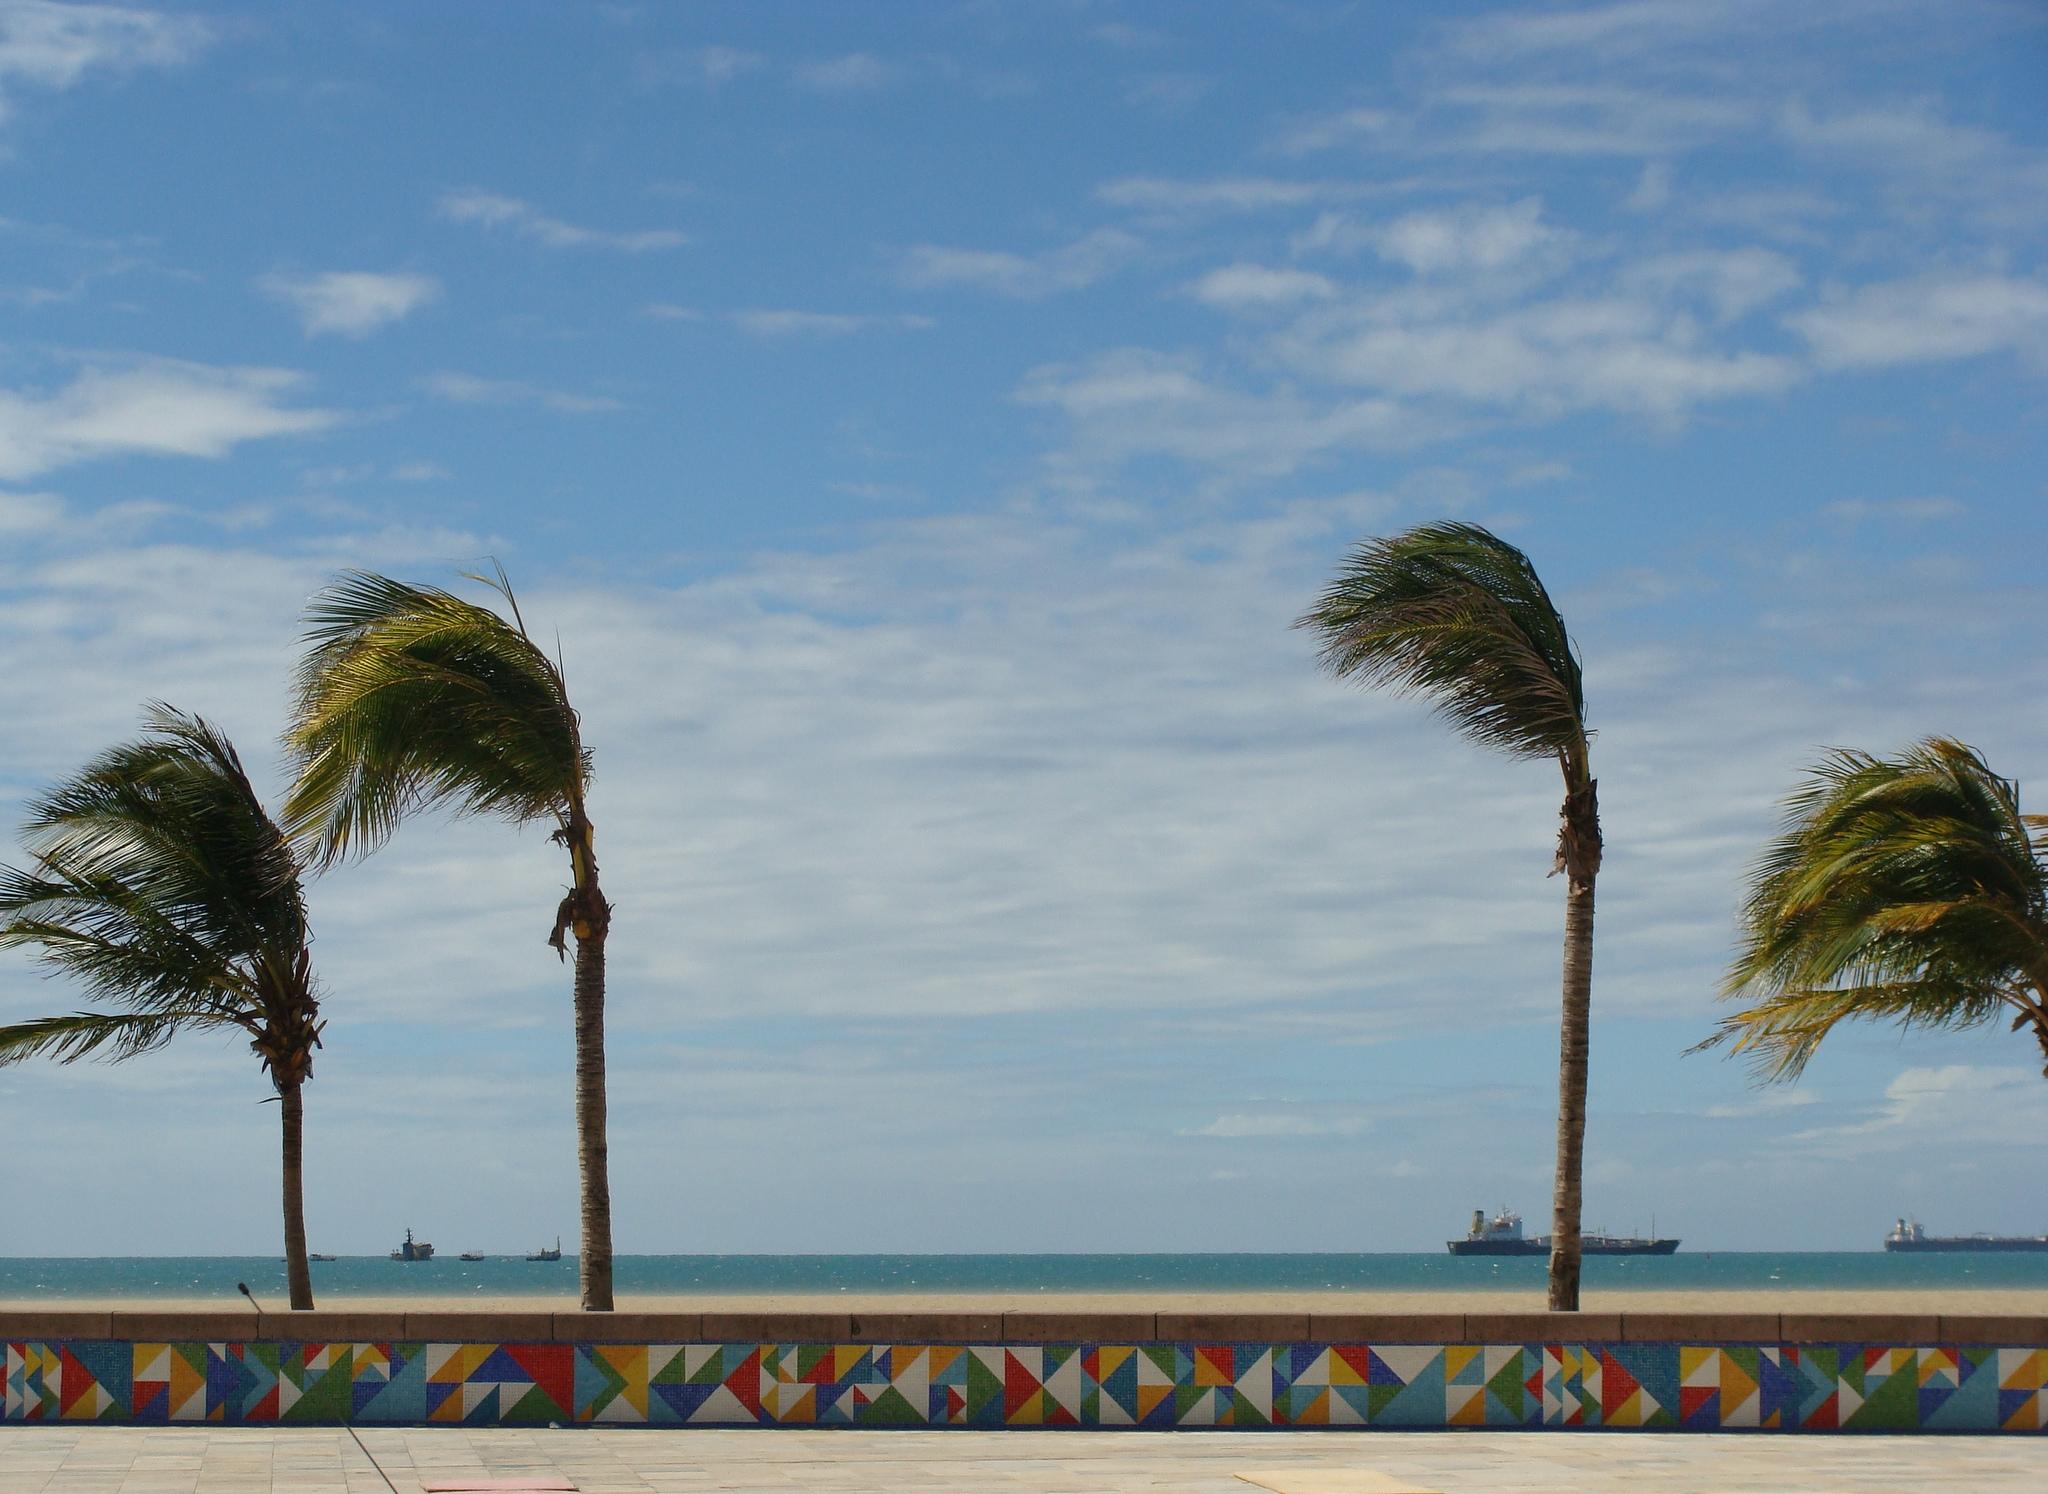 Funceme explica queda de temperatura para 23ºC em Fortaleza